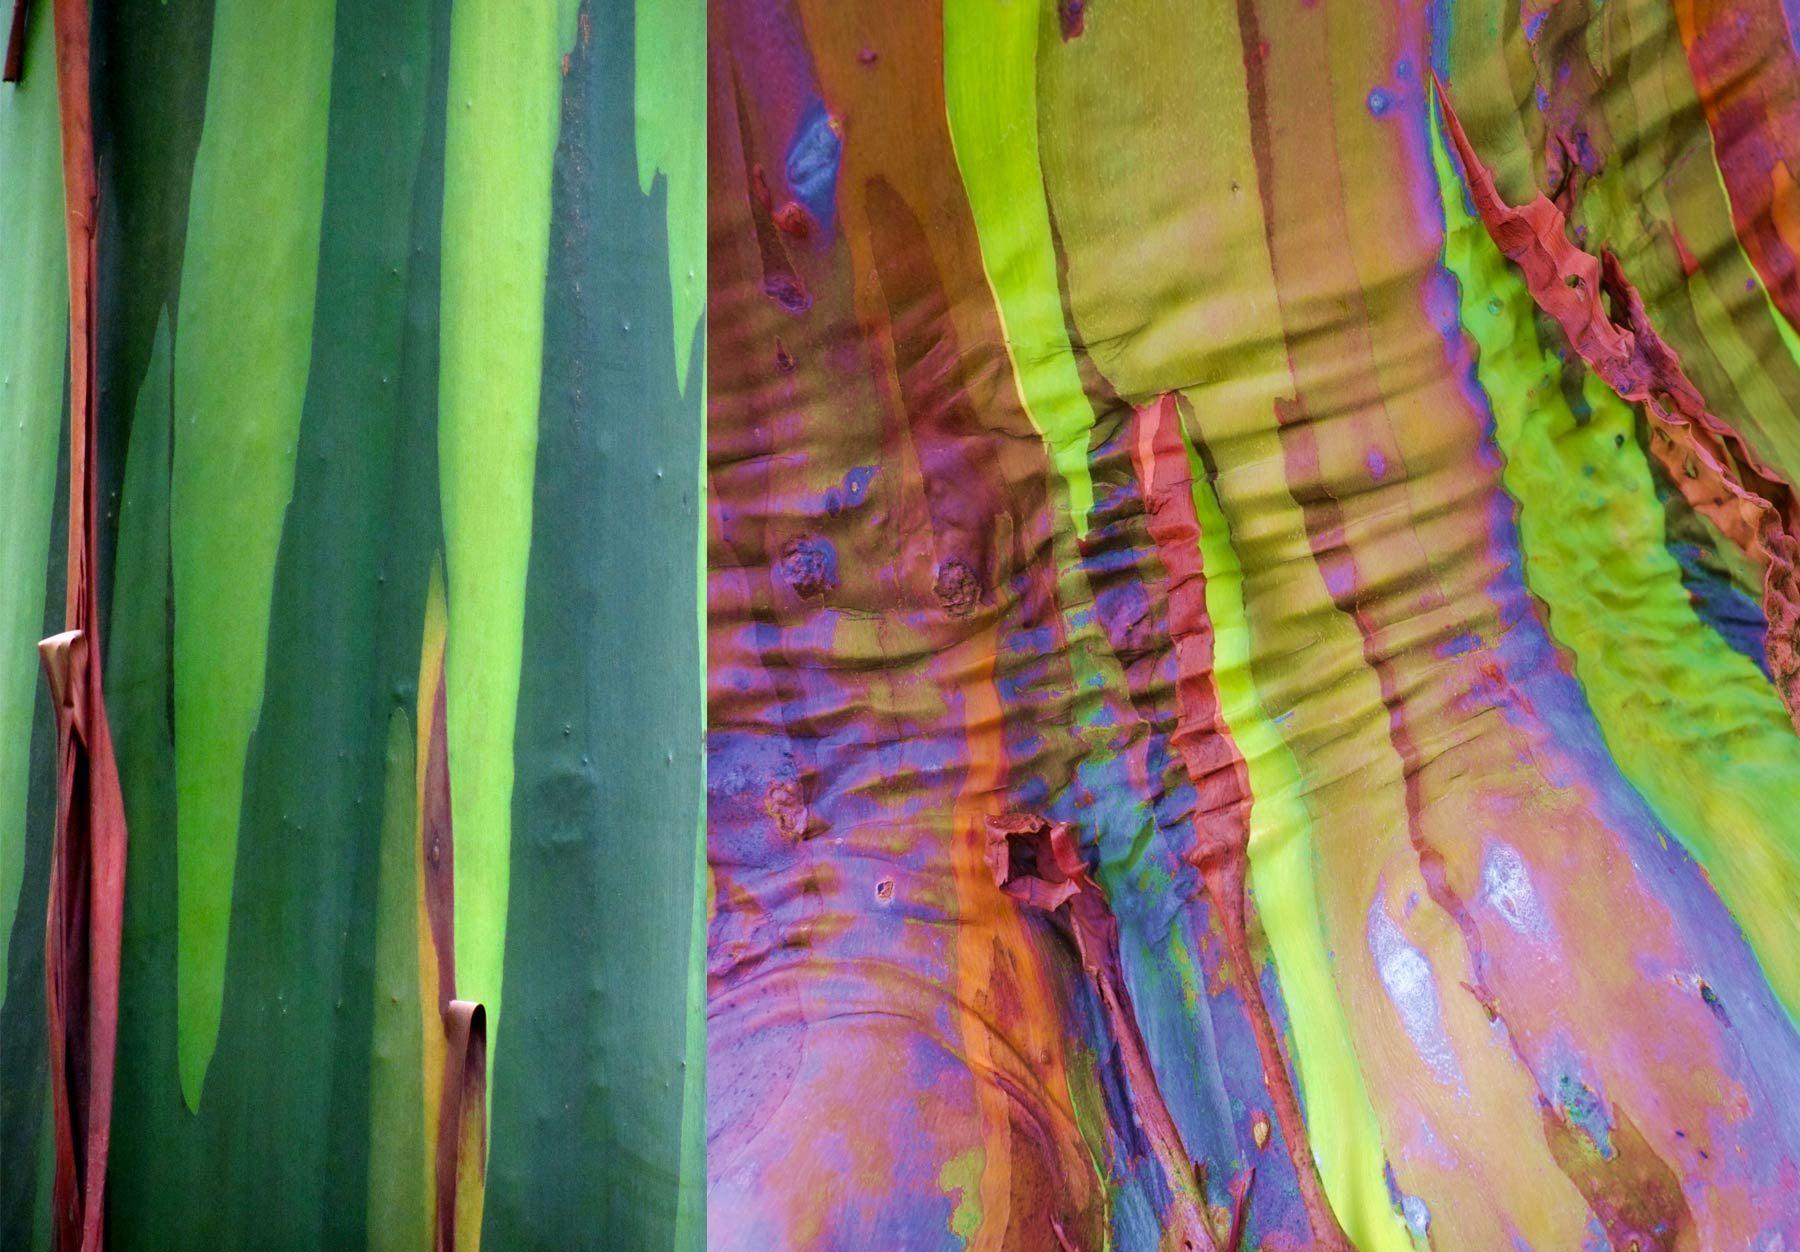 série de photos d\'un arbre recouvert de couleurs naturelles ...